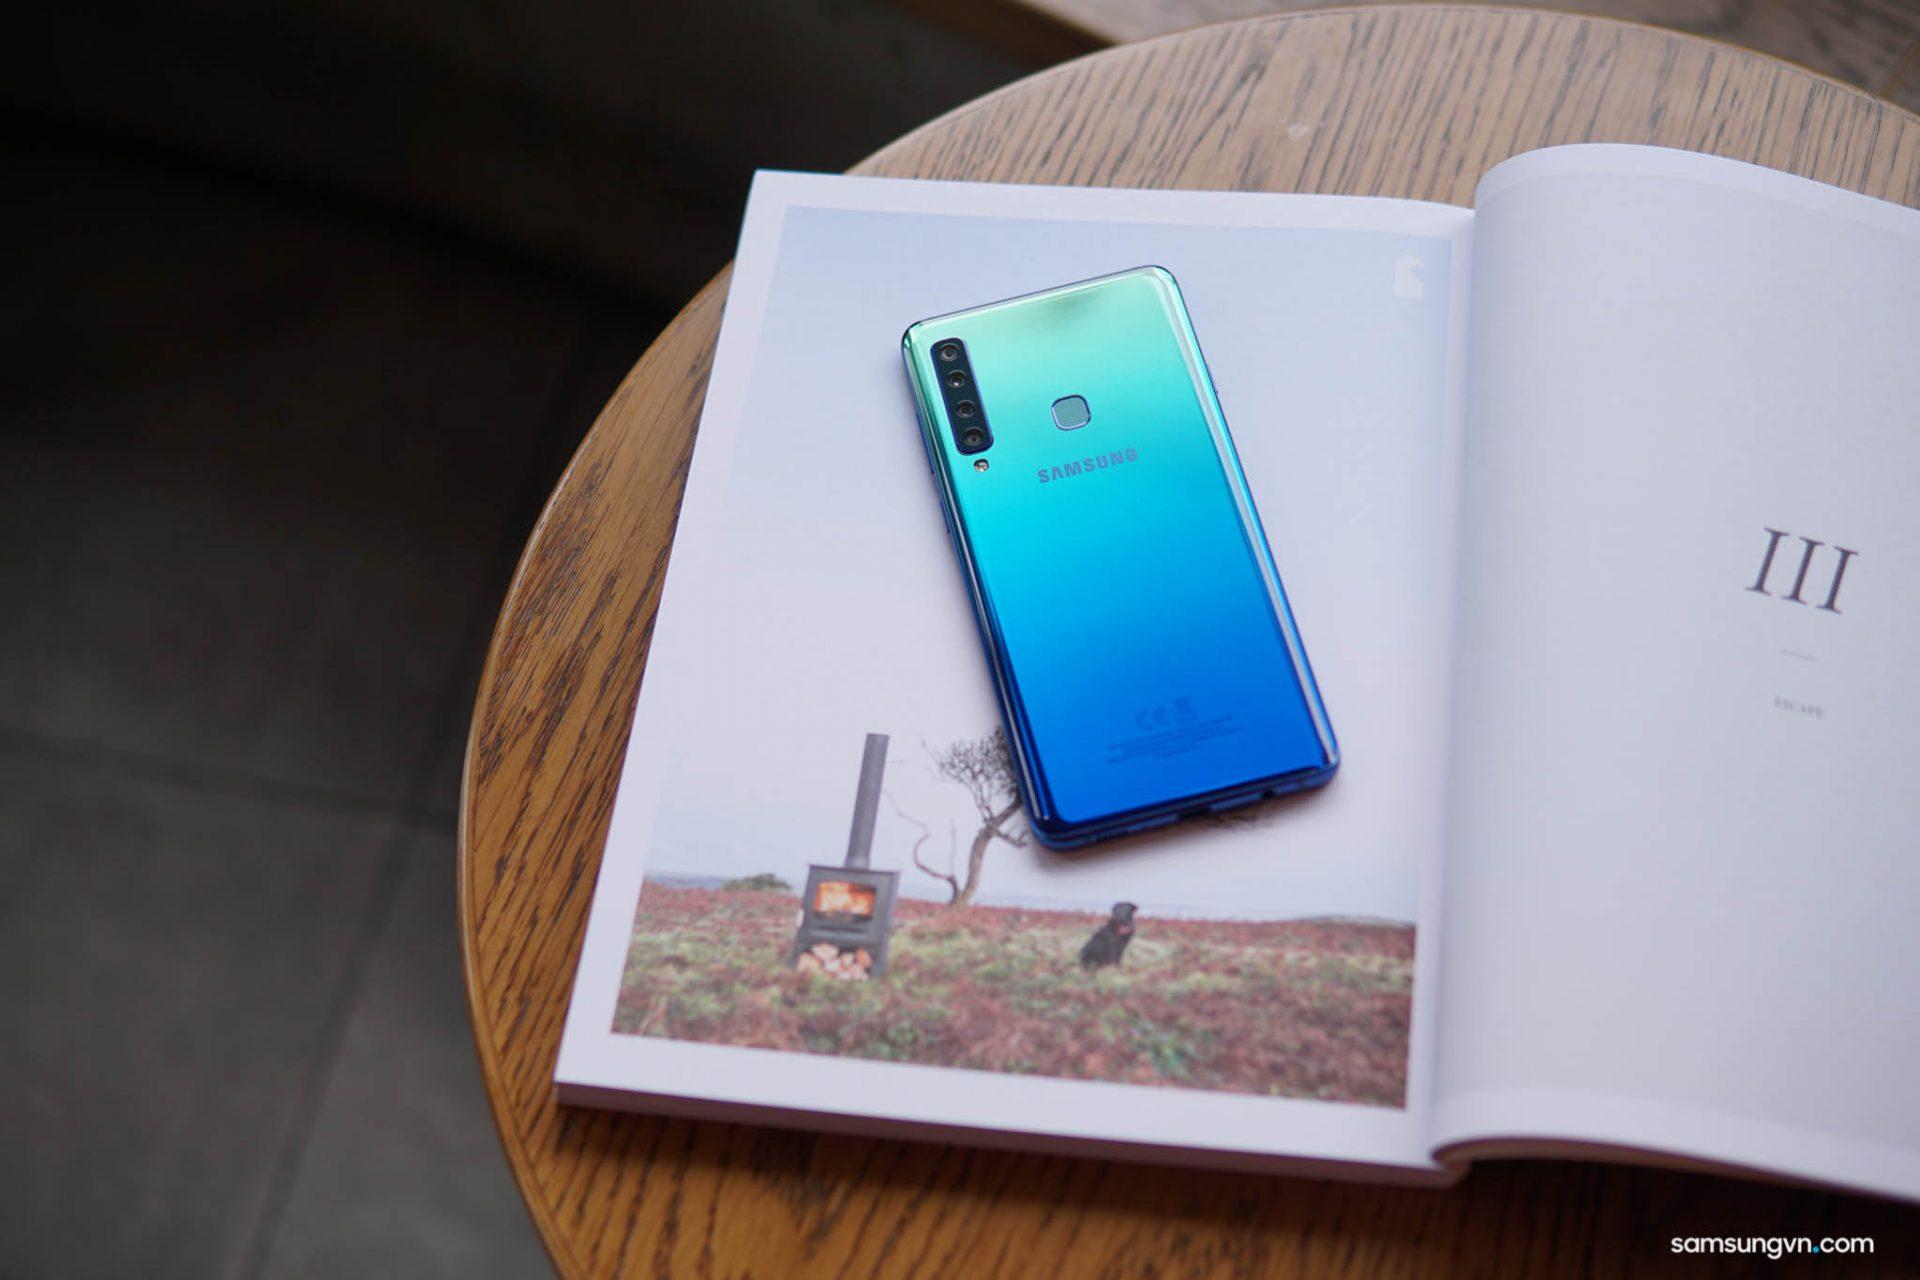 Với bộ 4 camera sau vượt trội, Galaxy A9 – niềm tự hào Samsung mang đến những trải nghiệm không giới hạn